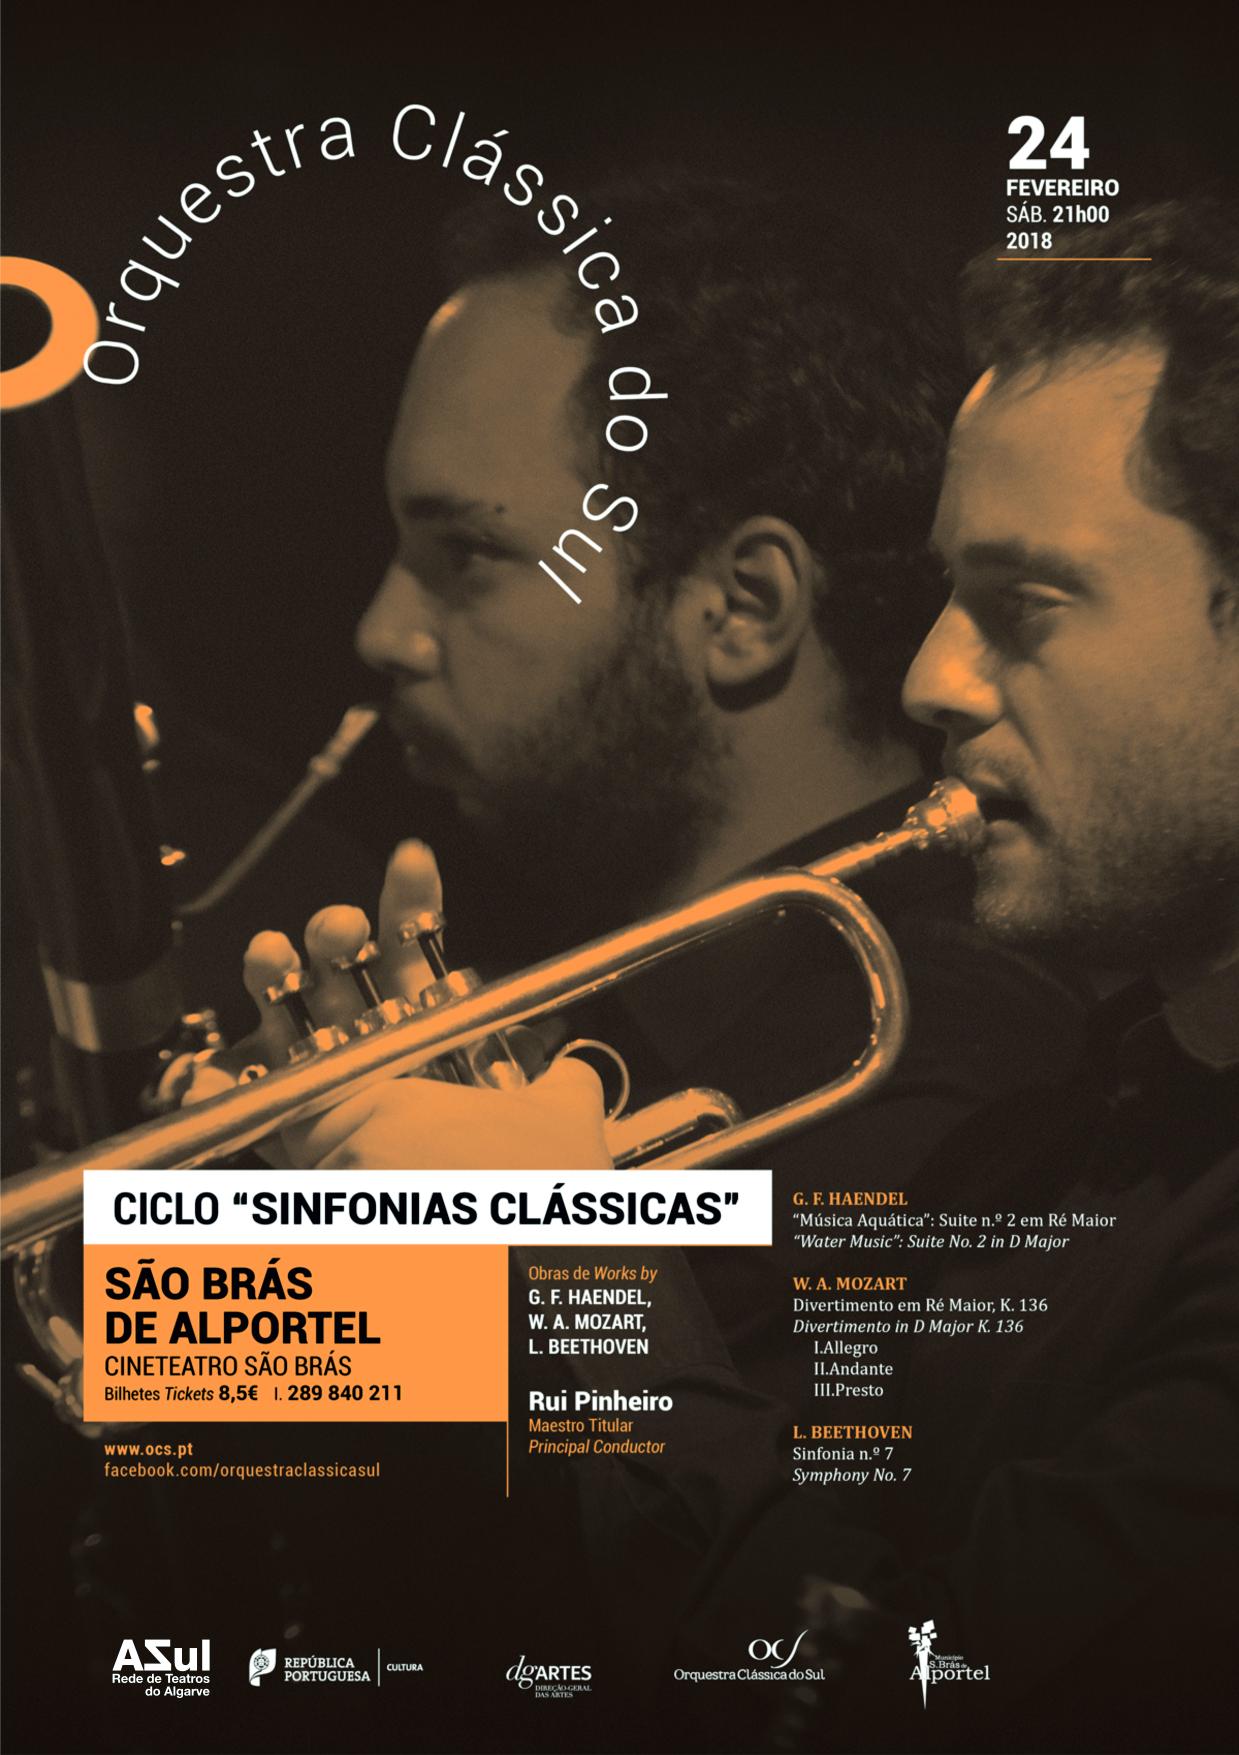 cartaz do ciclo de sinfonias clássicas de fevereiro de 2018